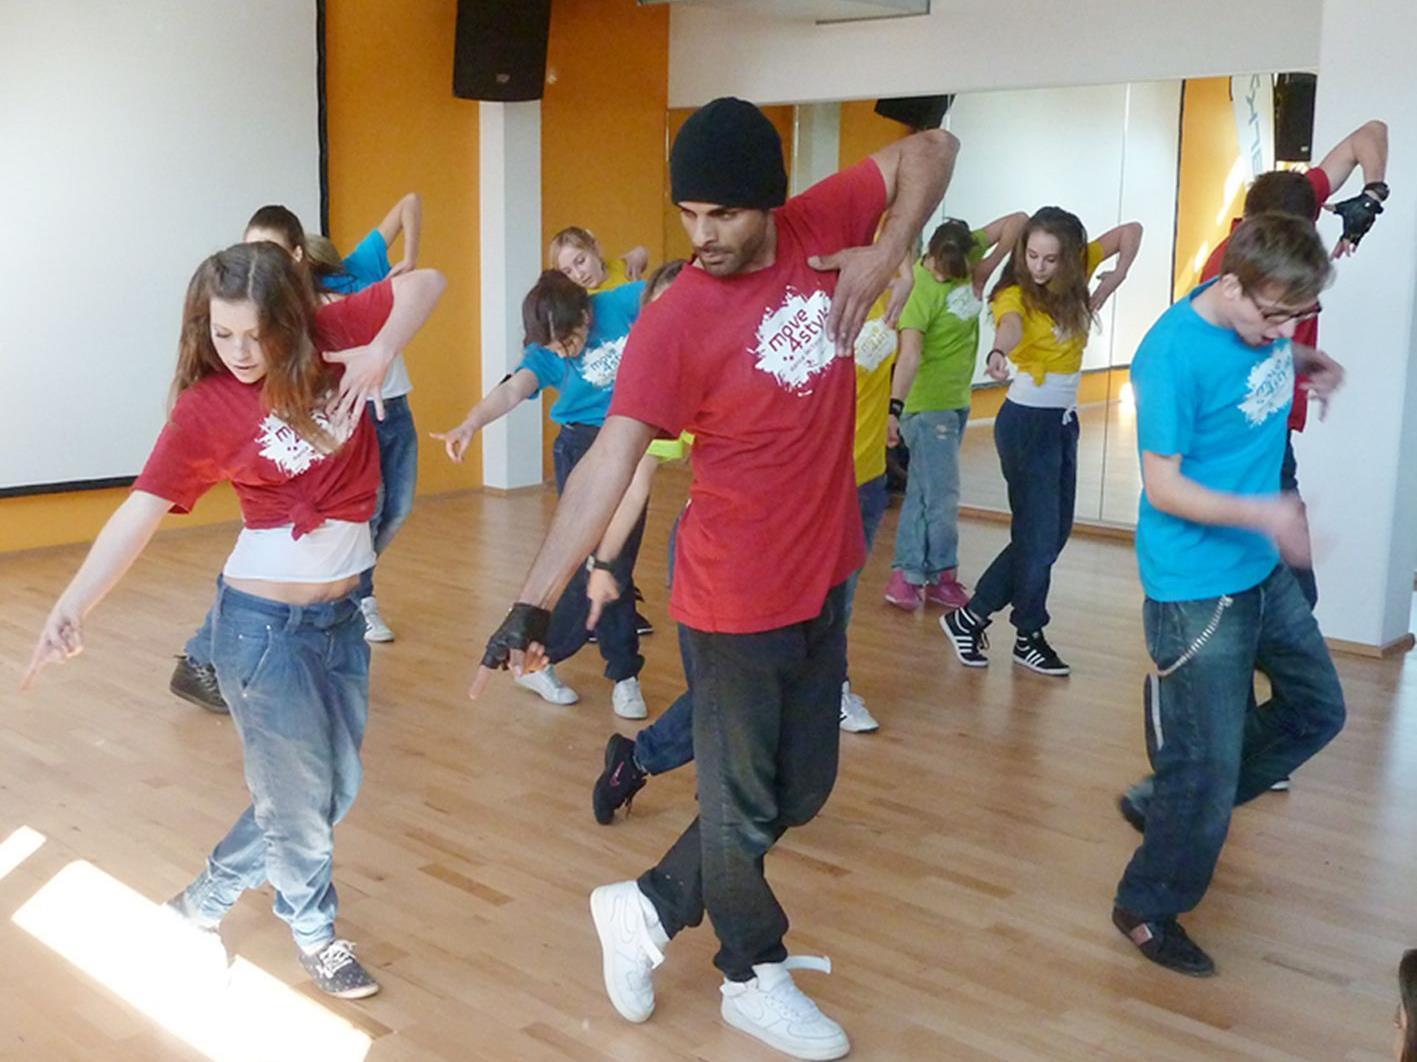 Begeisterndes Showprogramm der move4style-Showgruppen bei der Tanzschul-Eröffnung.